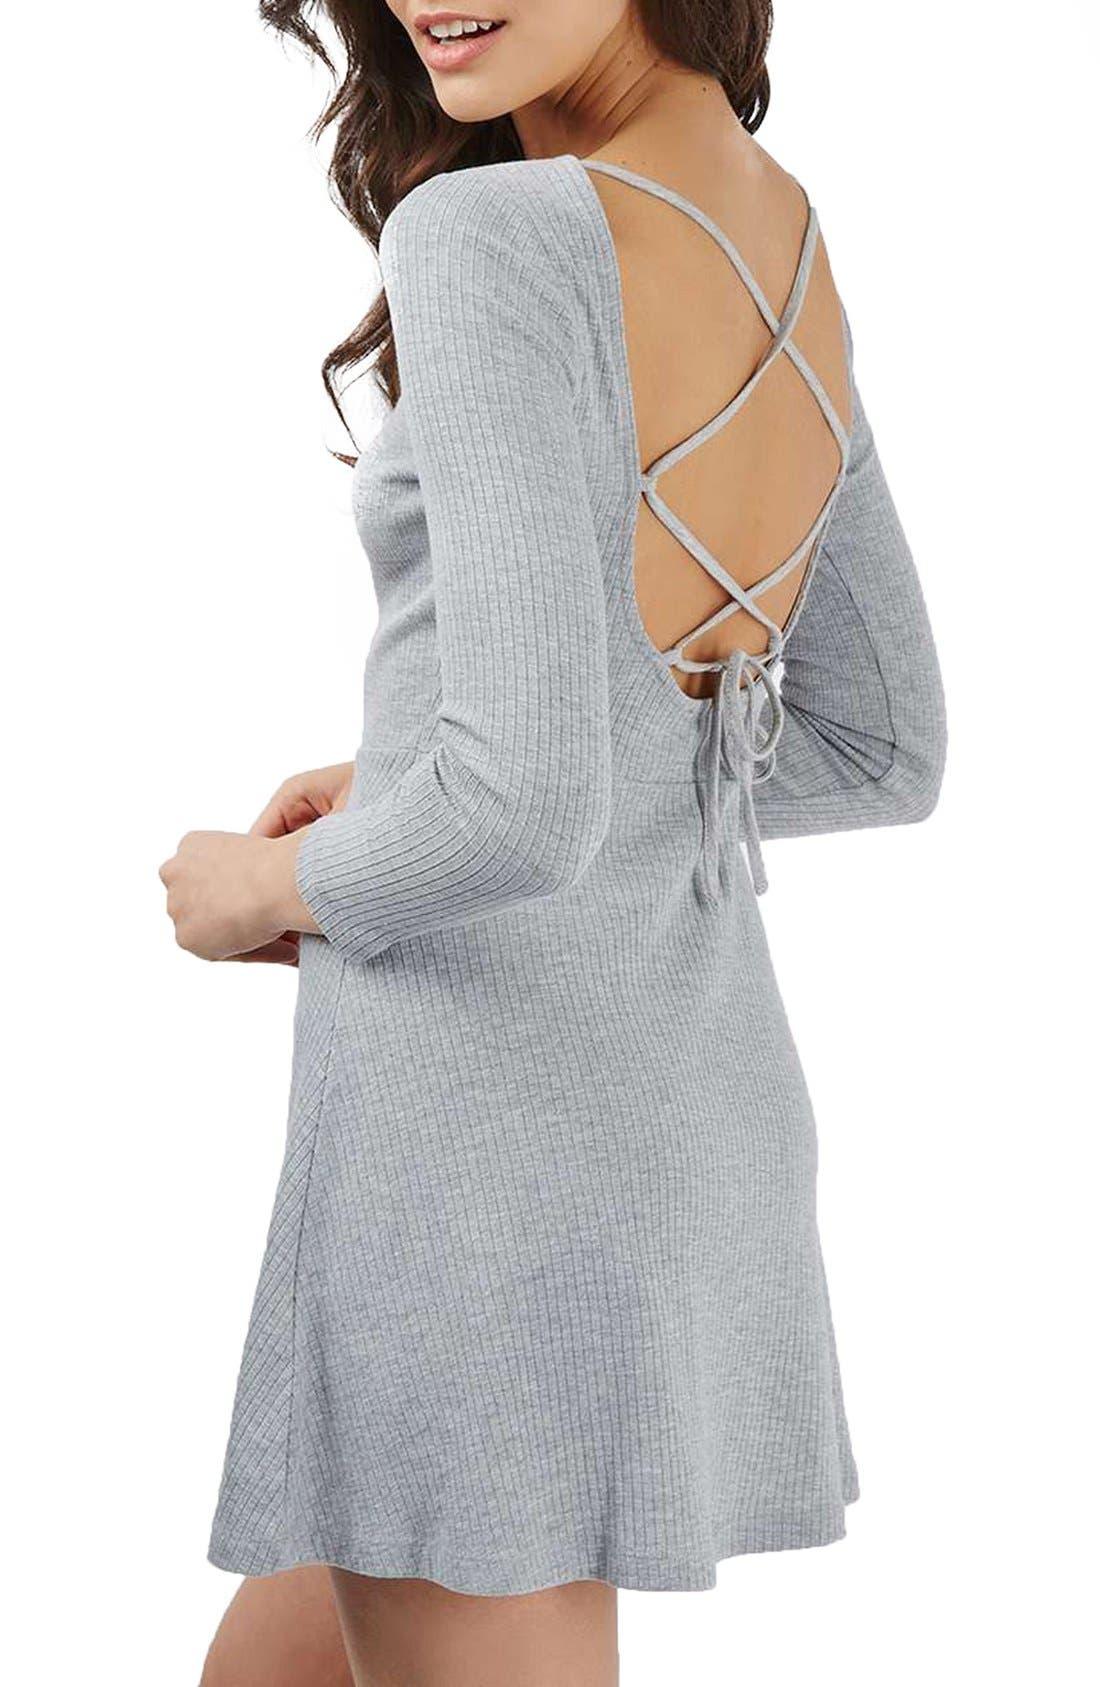 Alternate Image 3  - Topshop Lace-Up Back Skater Dress